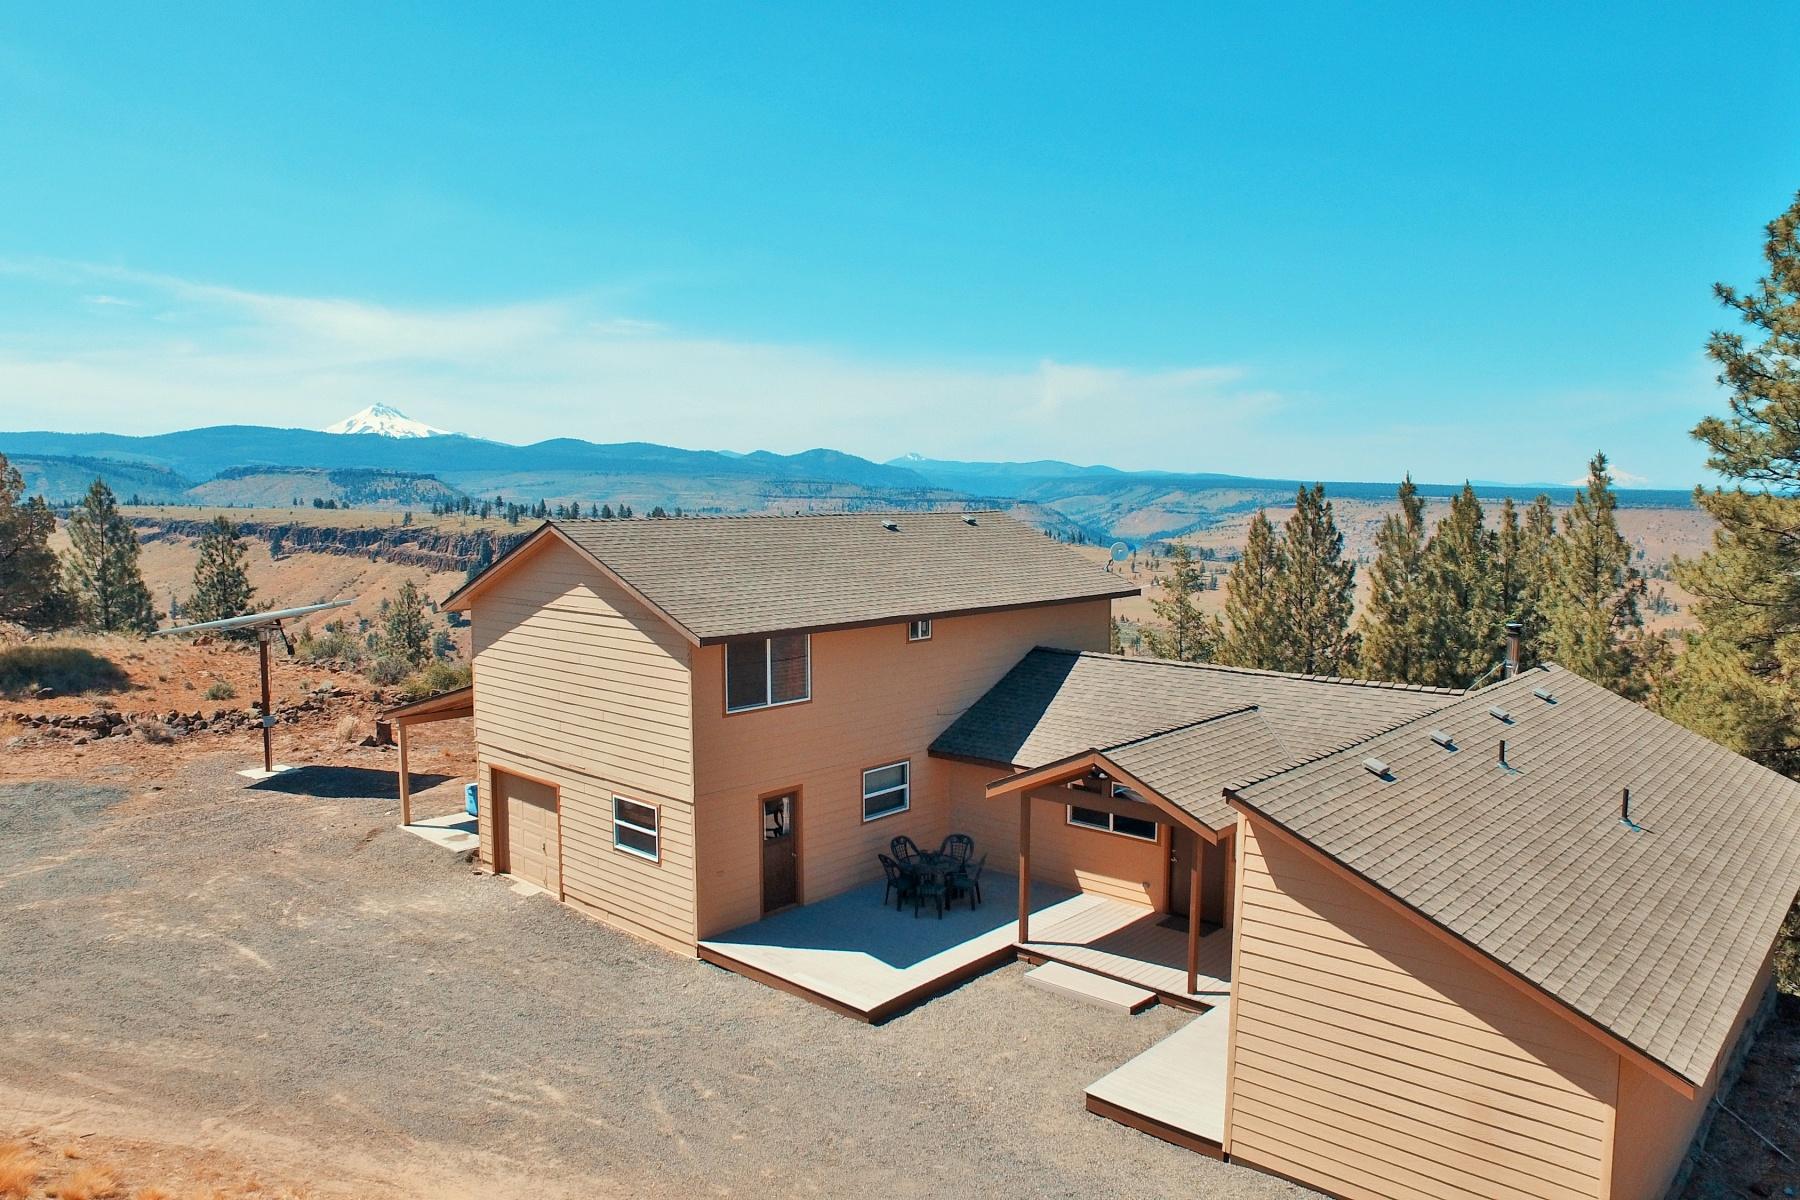 独户住宅 为 销售 在 5+ Ac Home w Expensive Views 13908 SW Airstrip Ln 卡尔弗, 俄勒冈州, 97734 美国